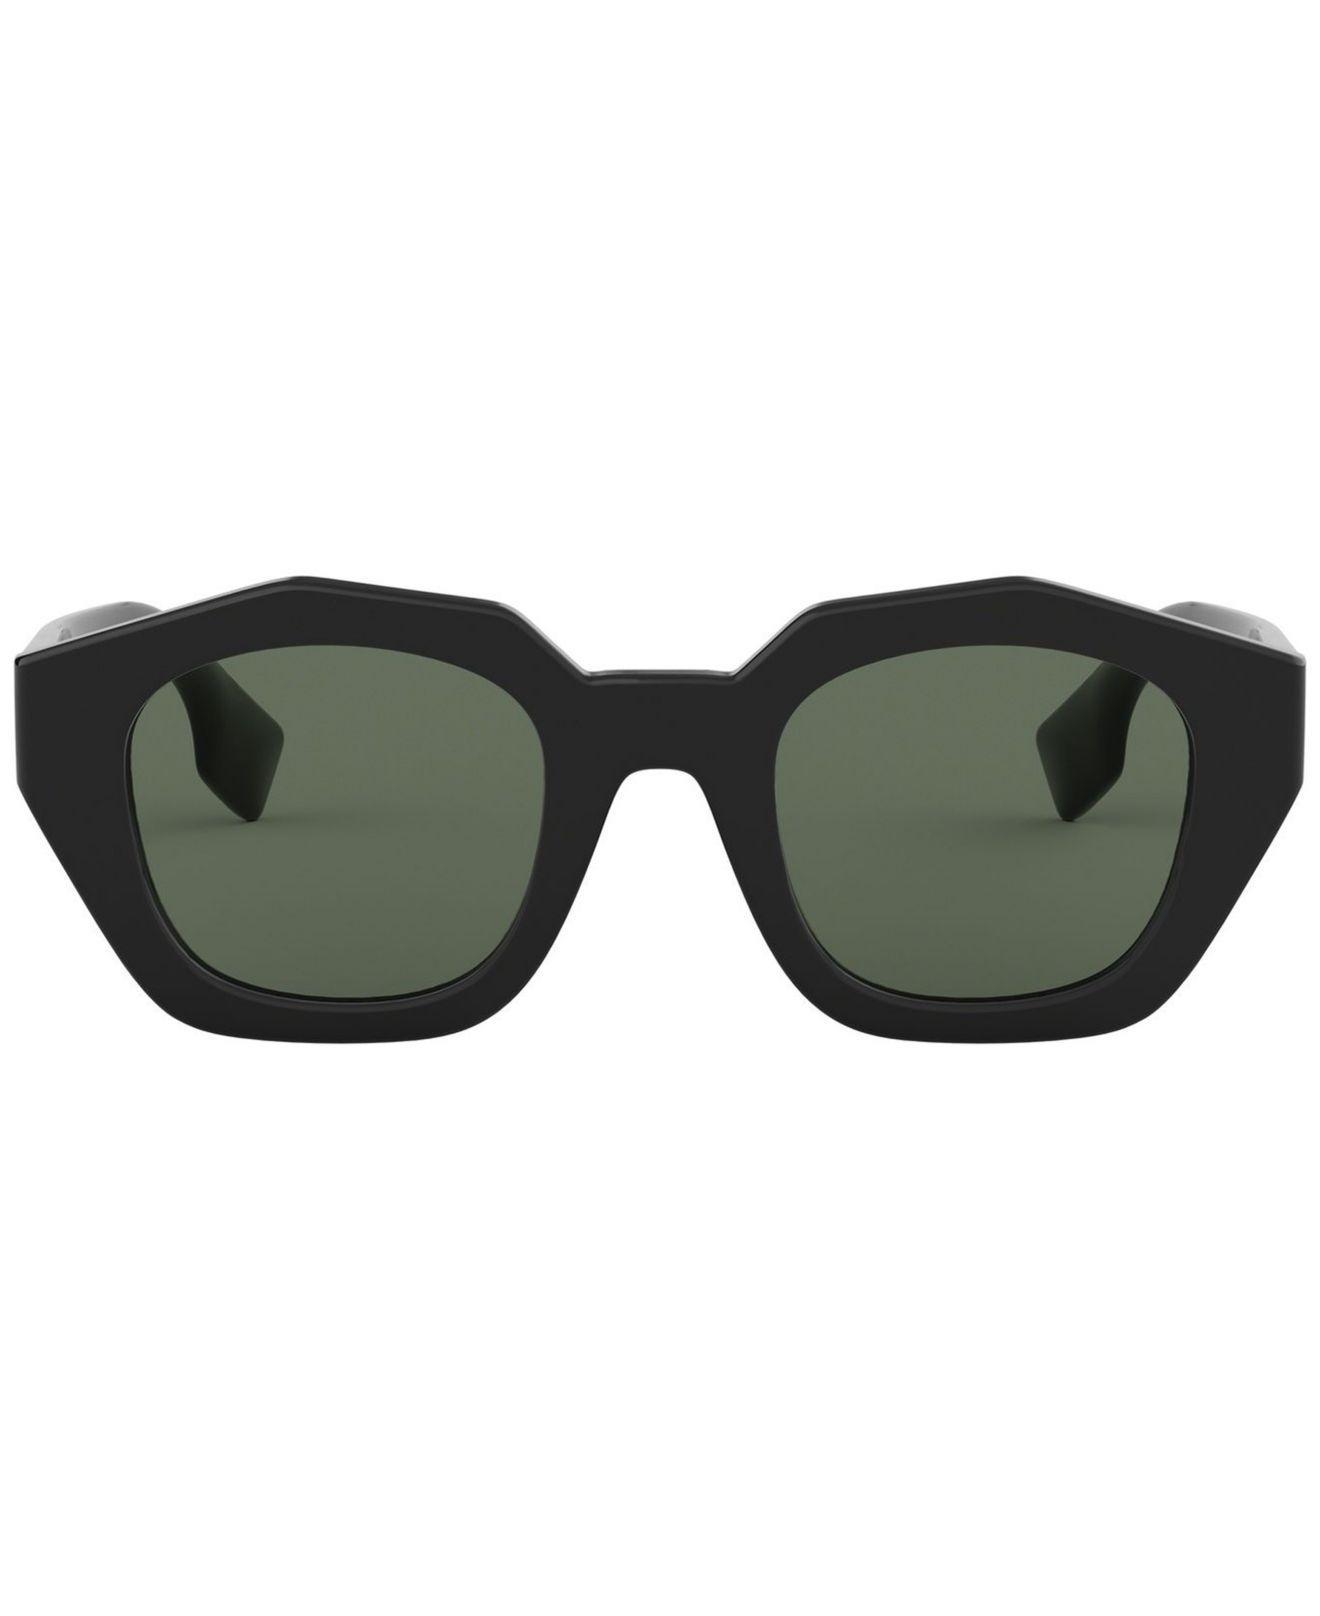 436c2d1d131 Burberry. Women s Black Sunglasses ...